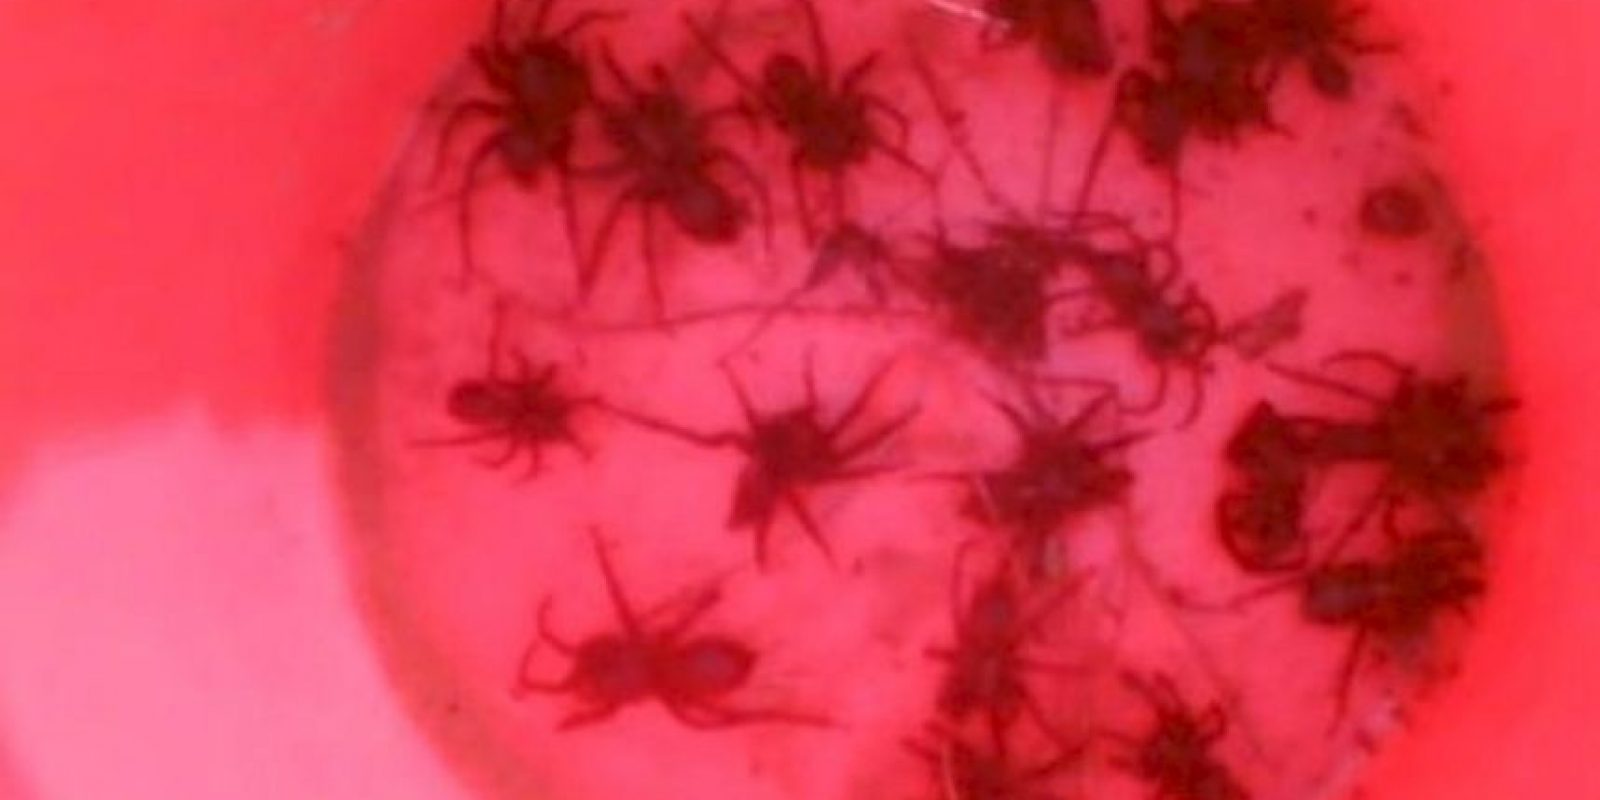 Arañas. Foto:Reddit